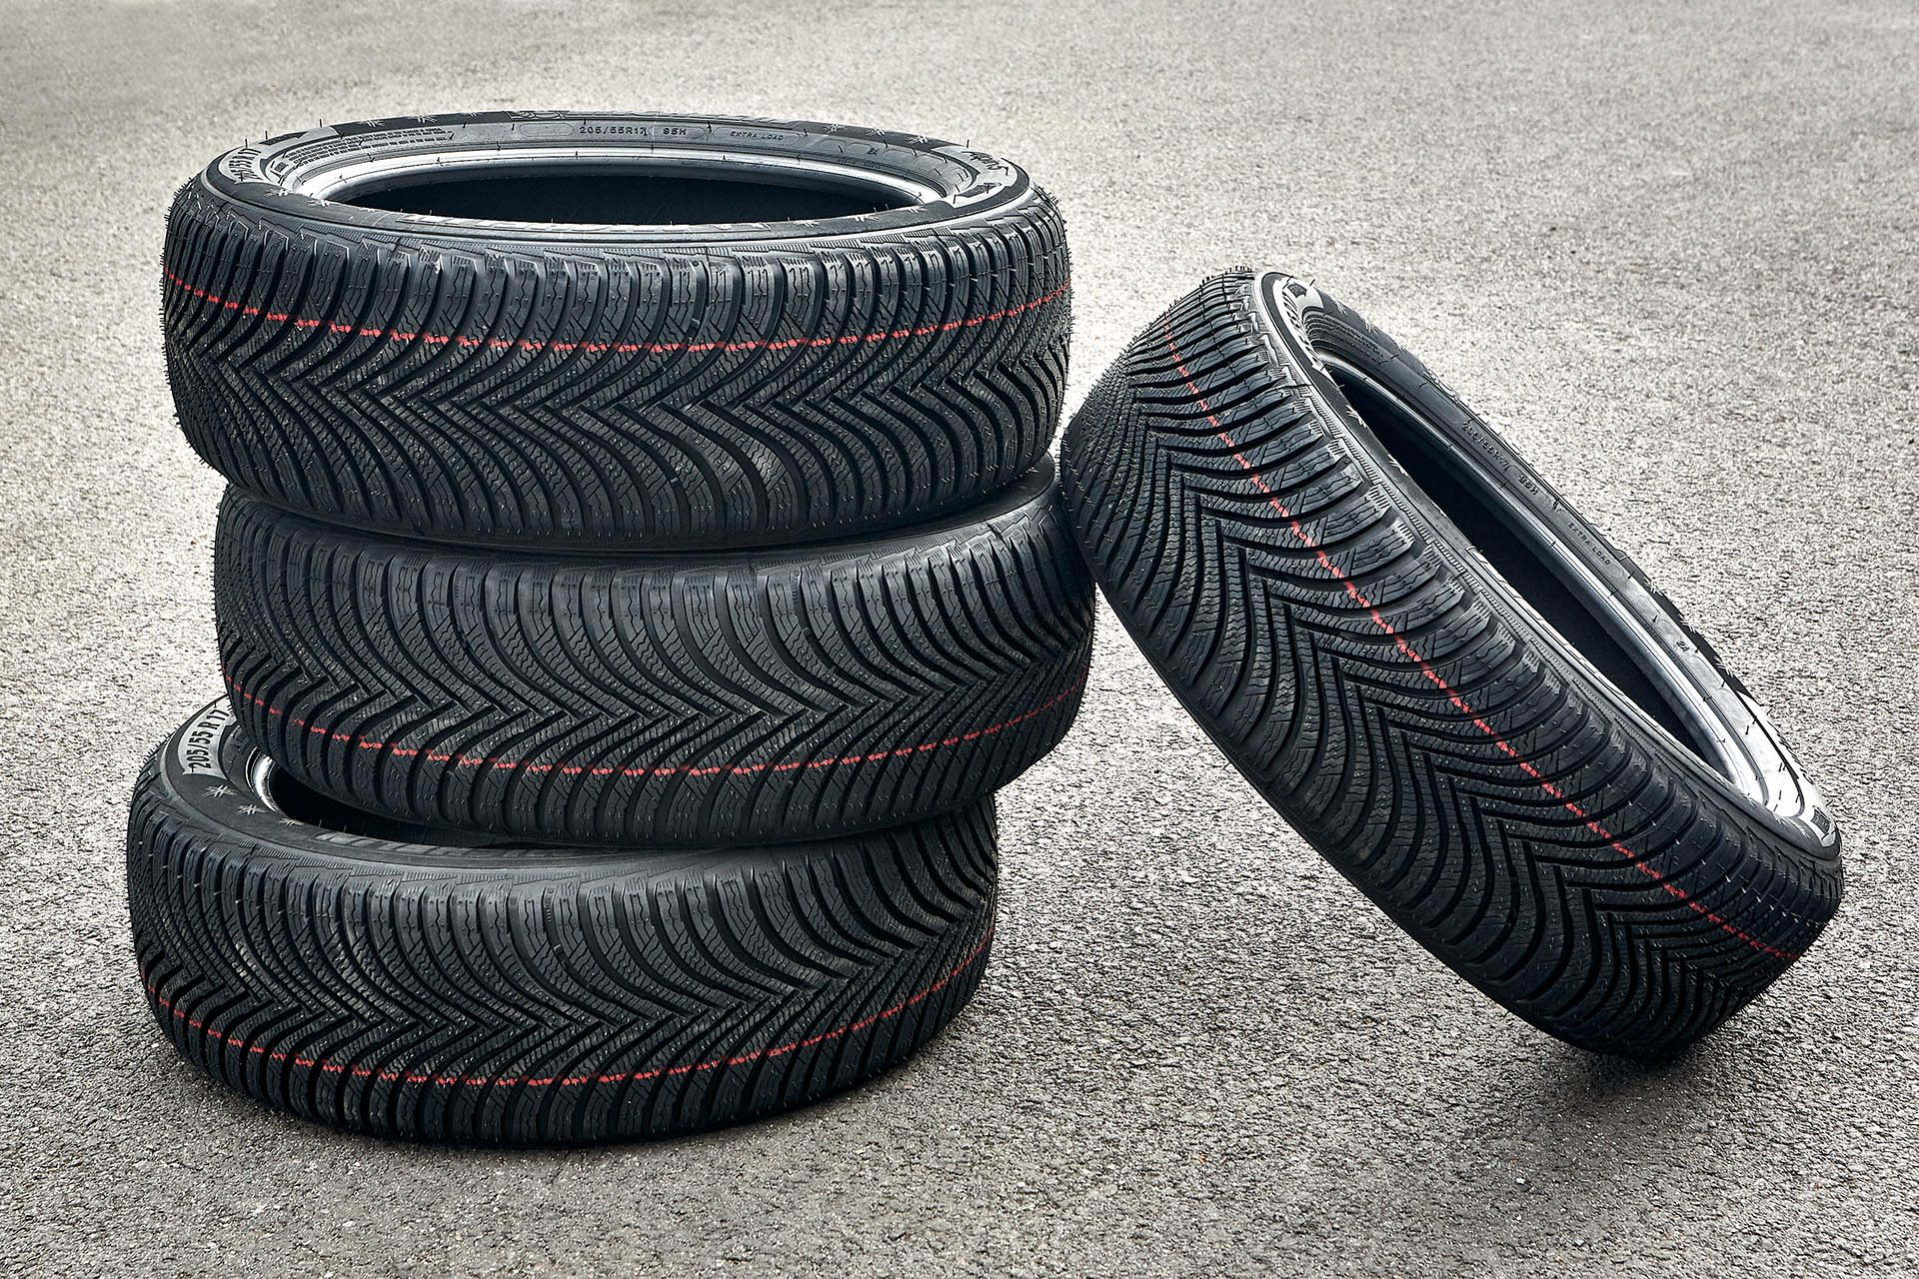 Pneumatiques par le garage Duverger Renault